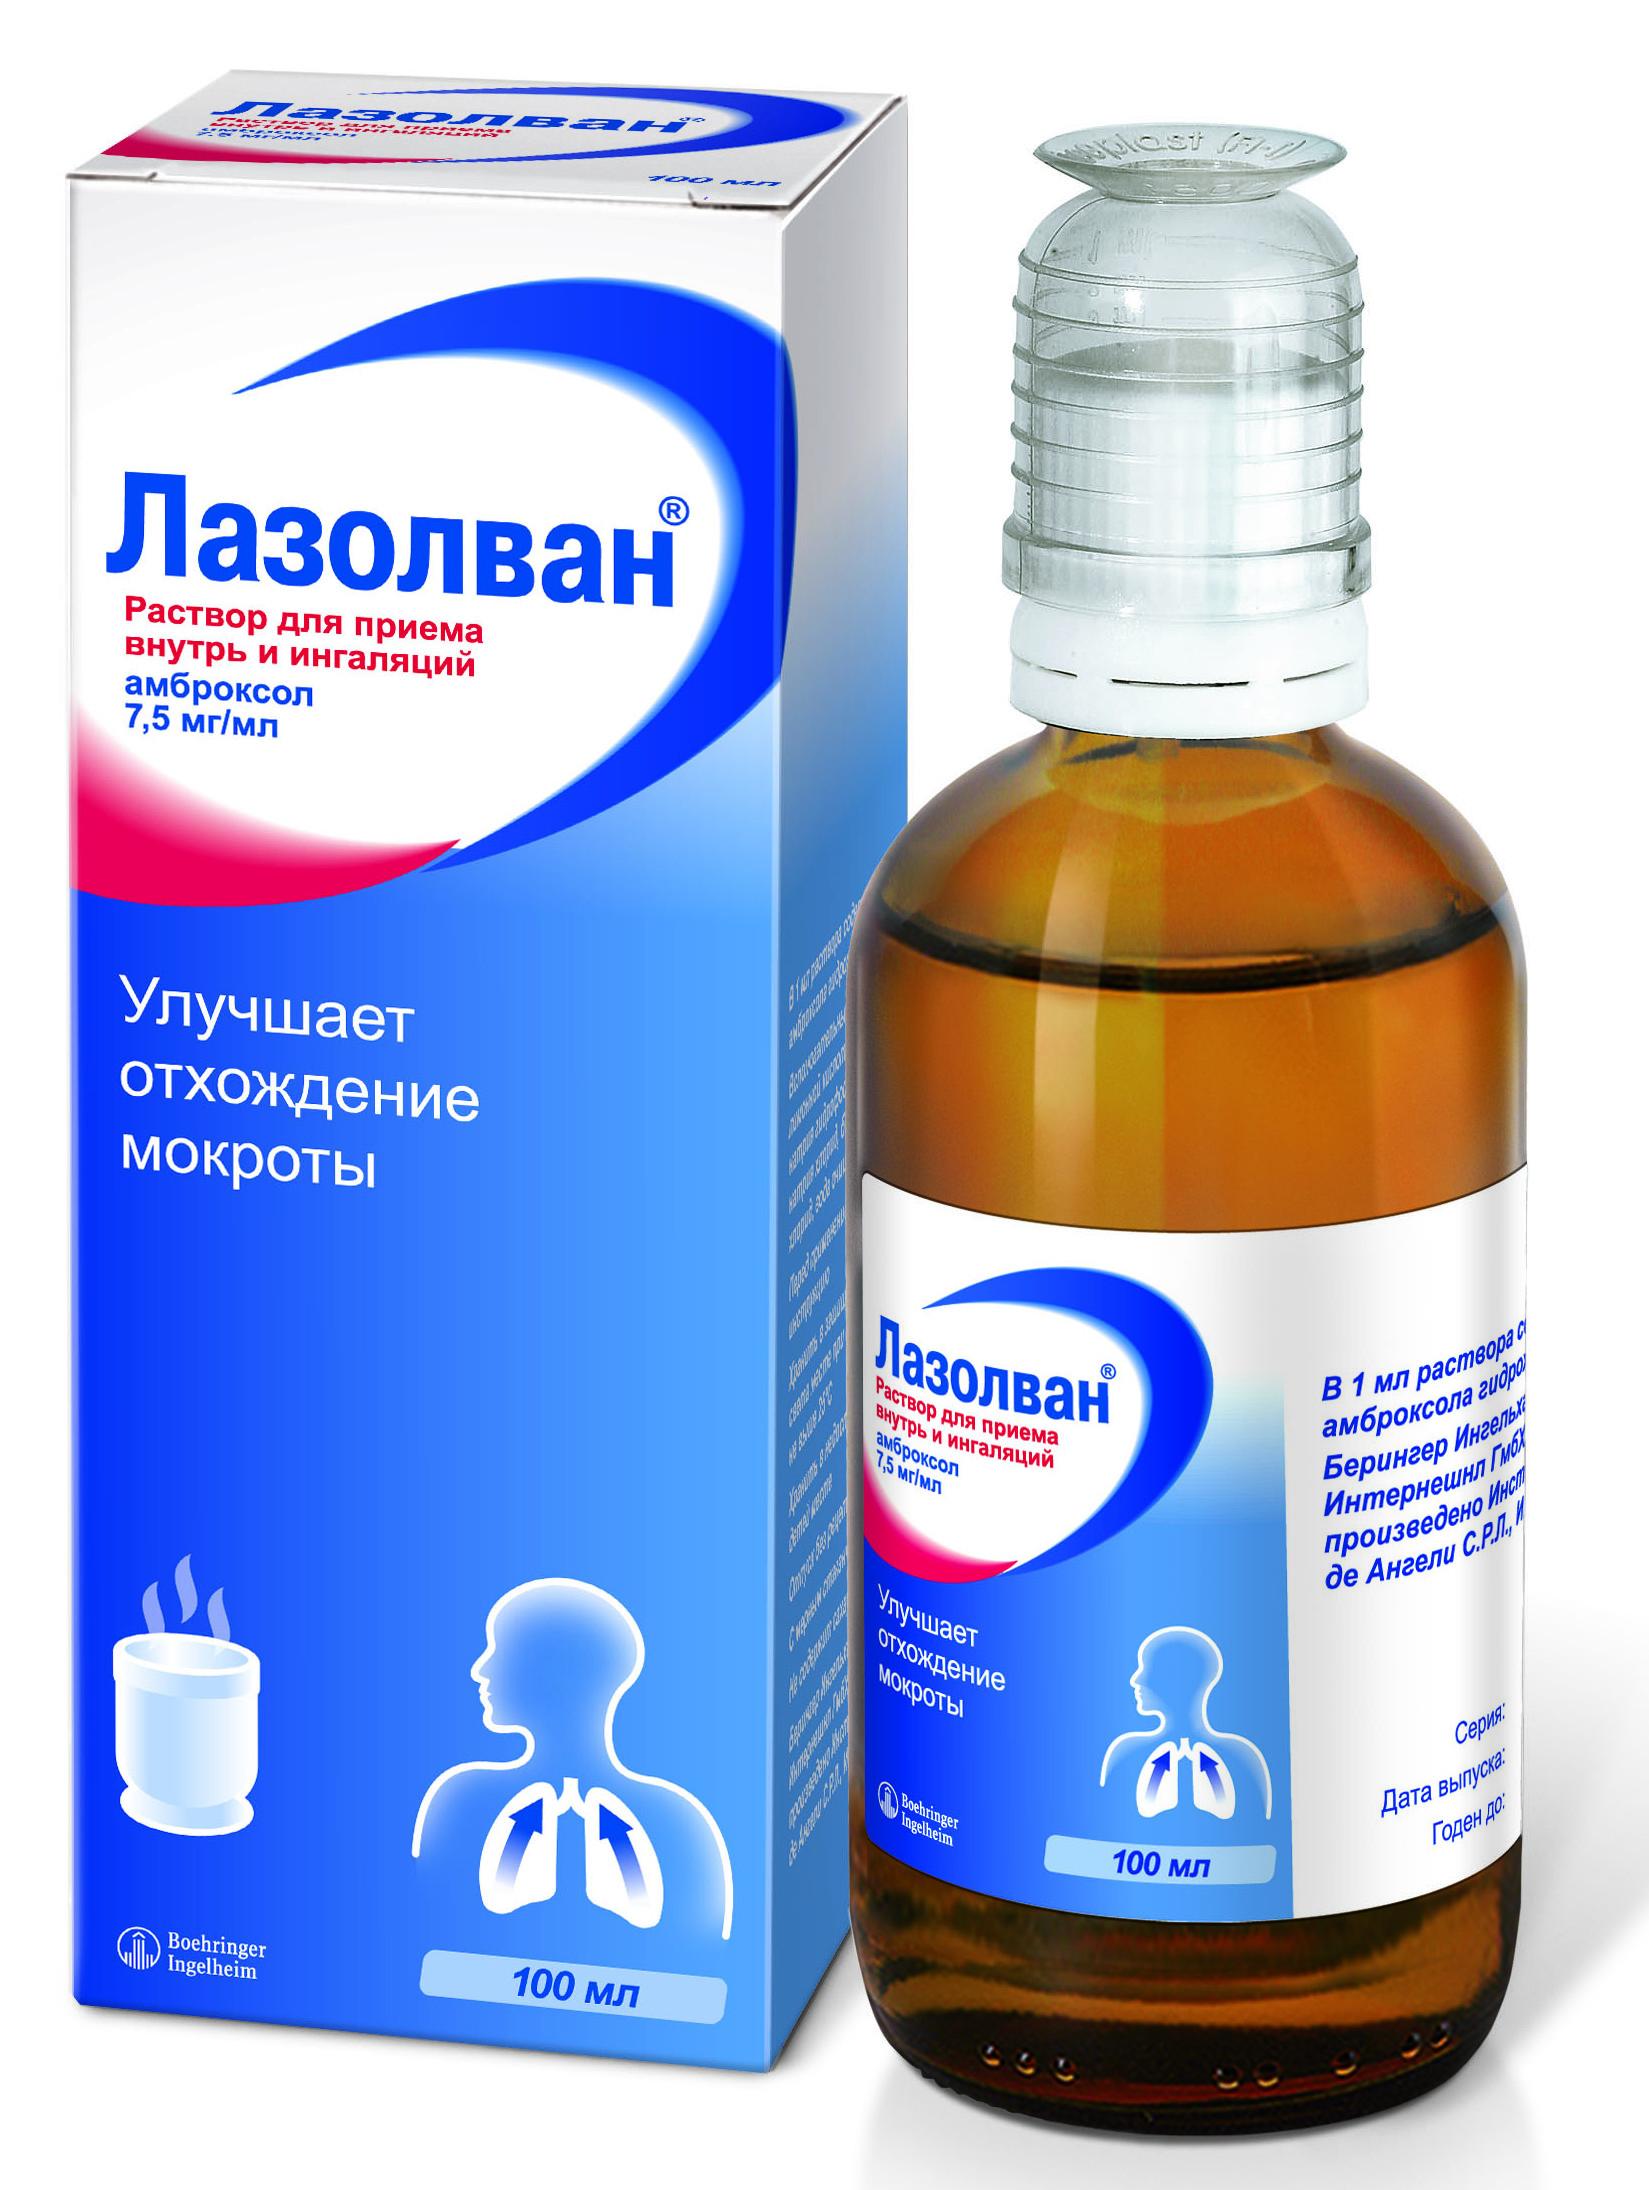 препарат для лечения гепатита с софосбувир отзывы